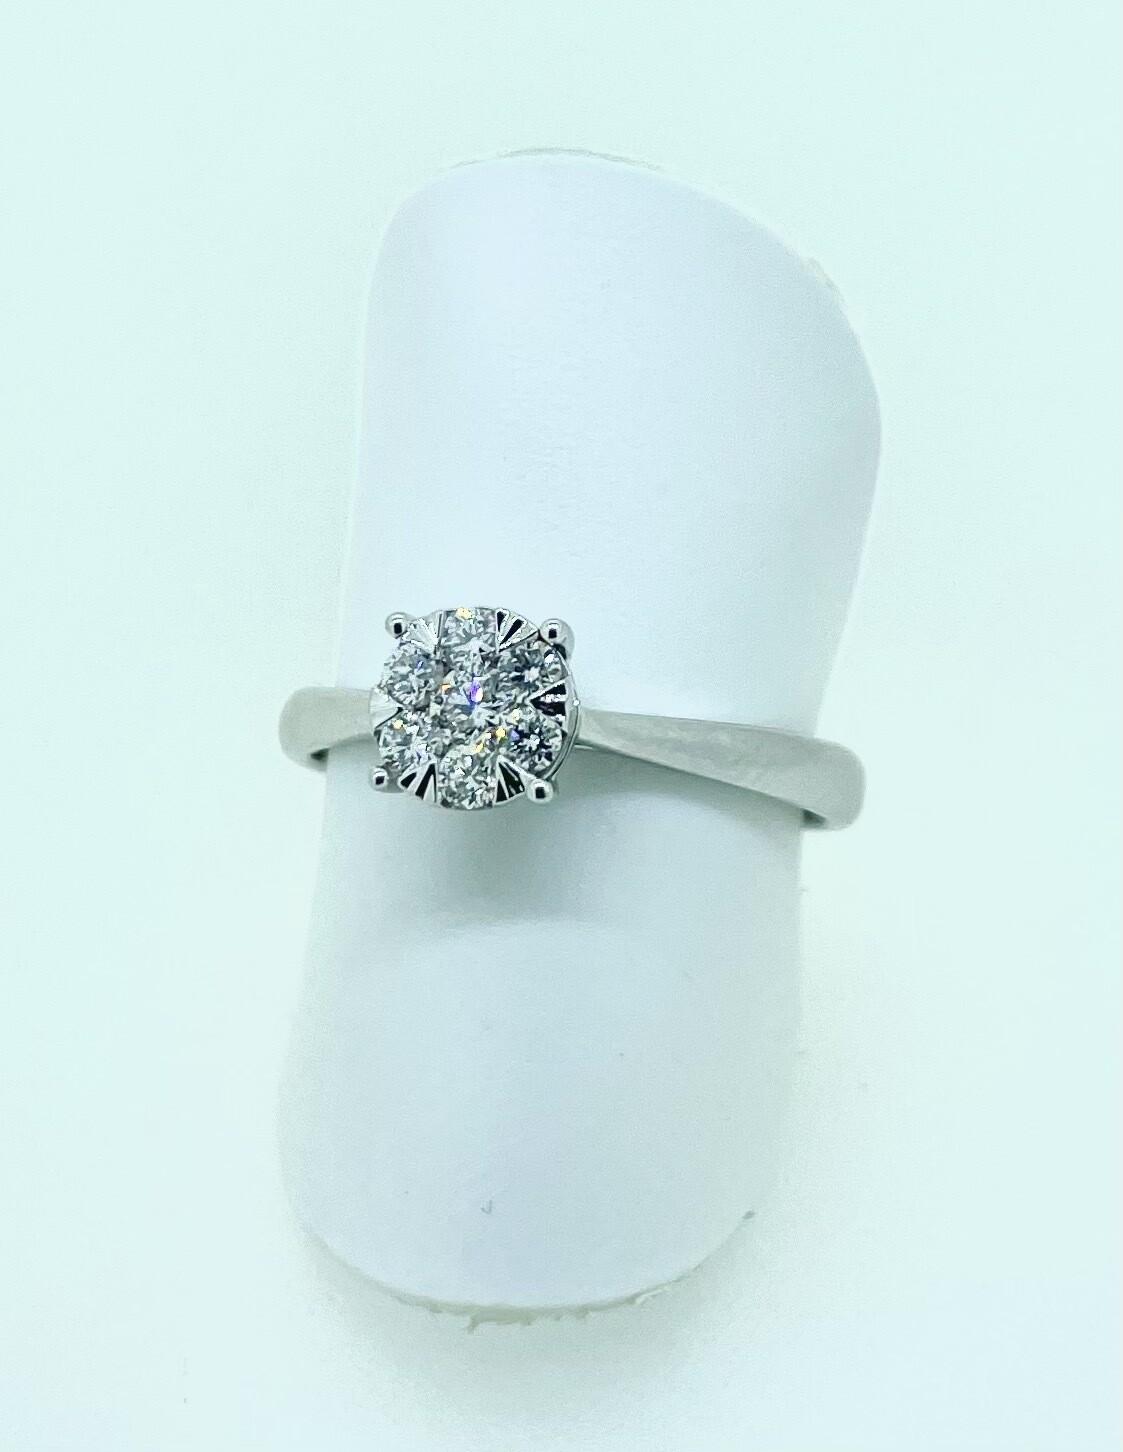 Solitario de oro blanco en pavé de 7 diamantes talla brillante, con un peso total de 0,23 ktes.